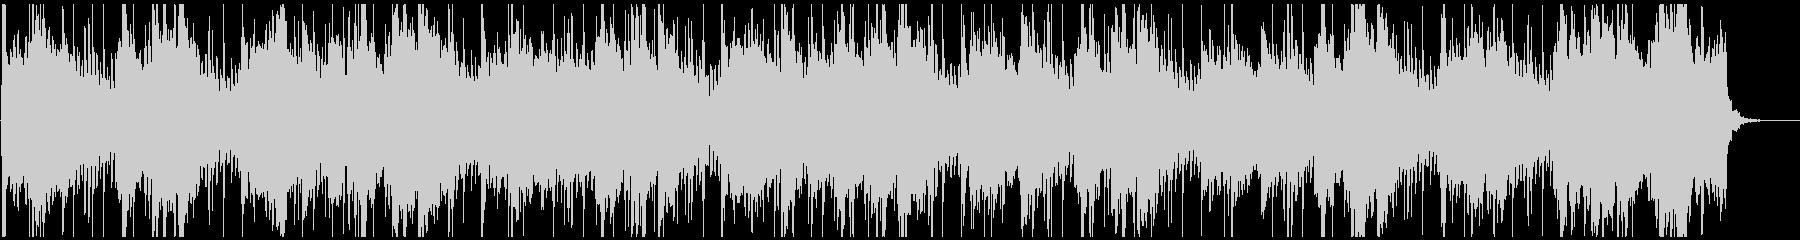 尺八メインの和風曲の未再生の波形